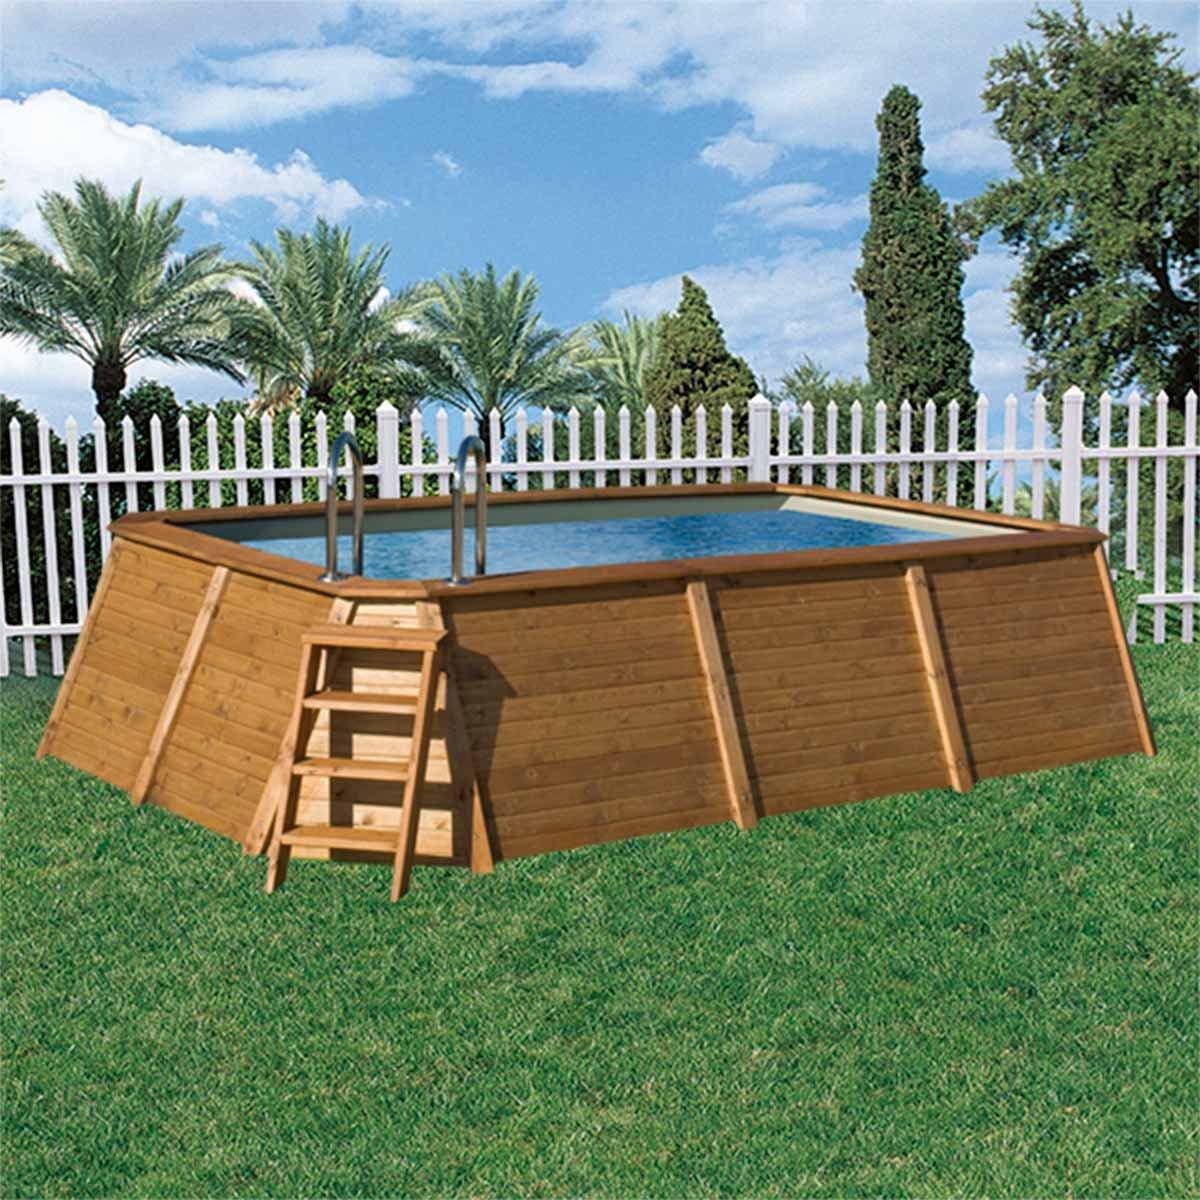 K2O Piscina de madera 490 x 293 x 110 cm + depuradora de cartucho: Amazon.es: Juguetes y juegos